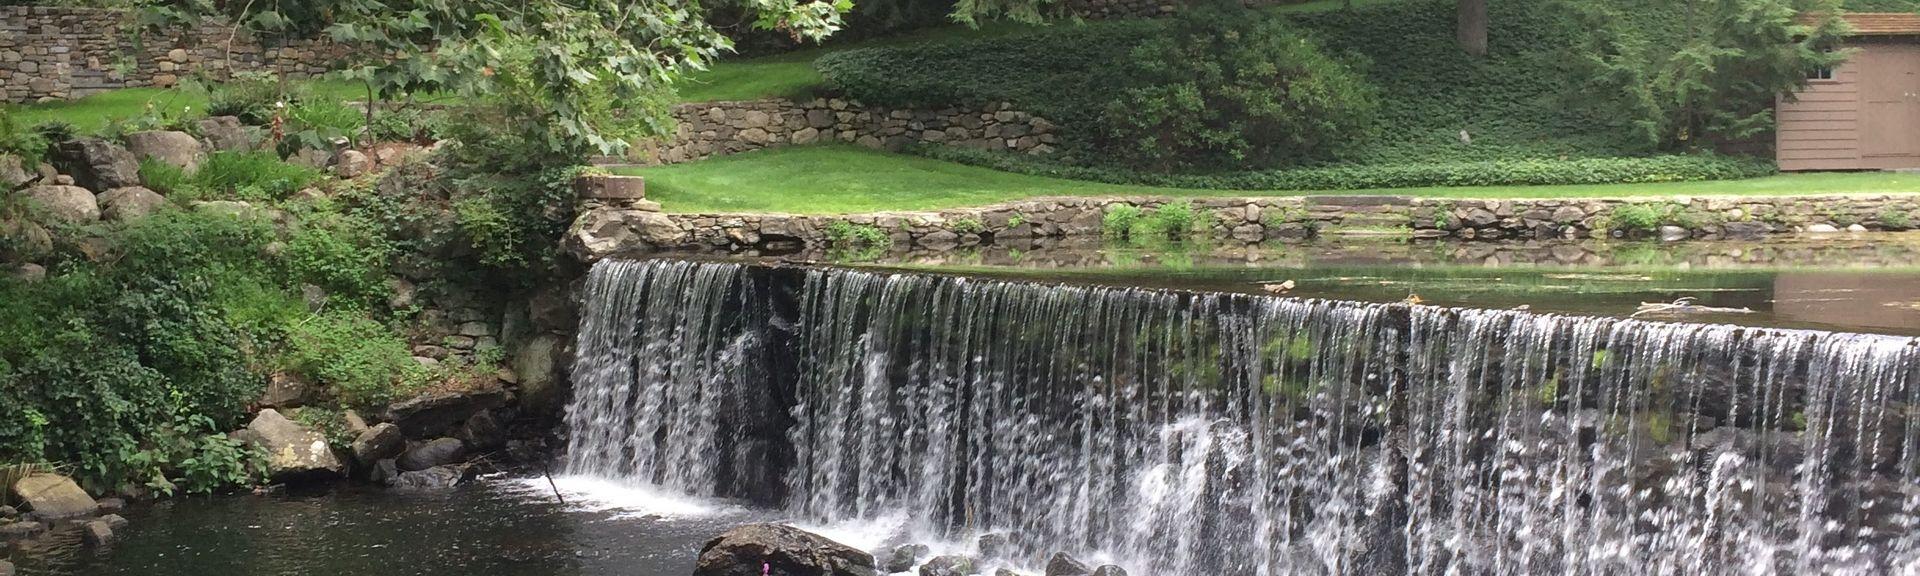 Monroe, Connecticut, Verenigde Staten